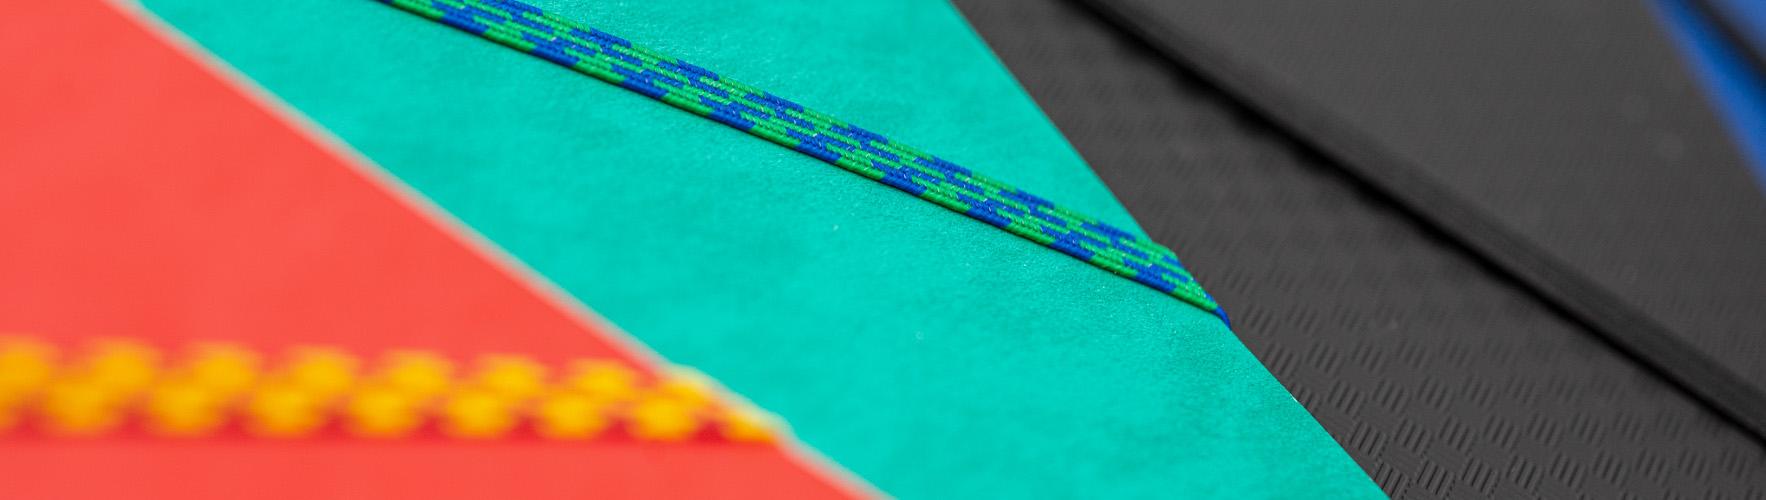 élastique de papeterie